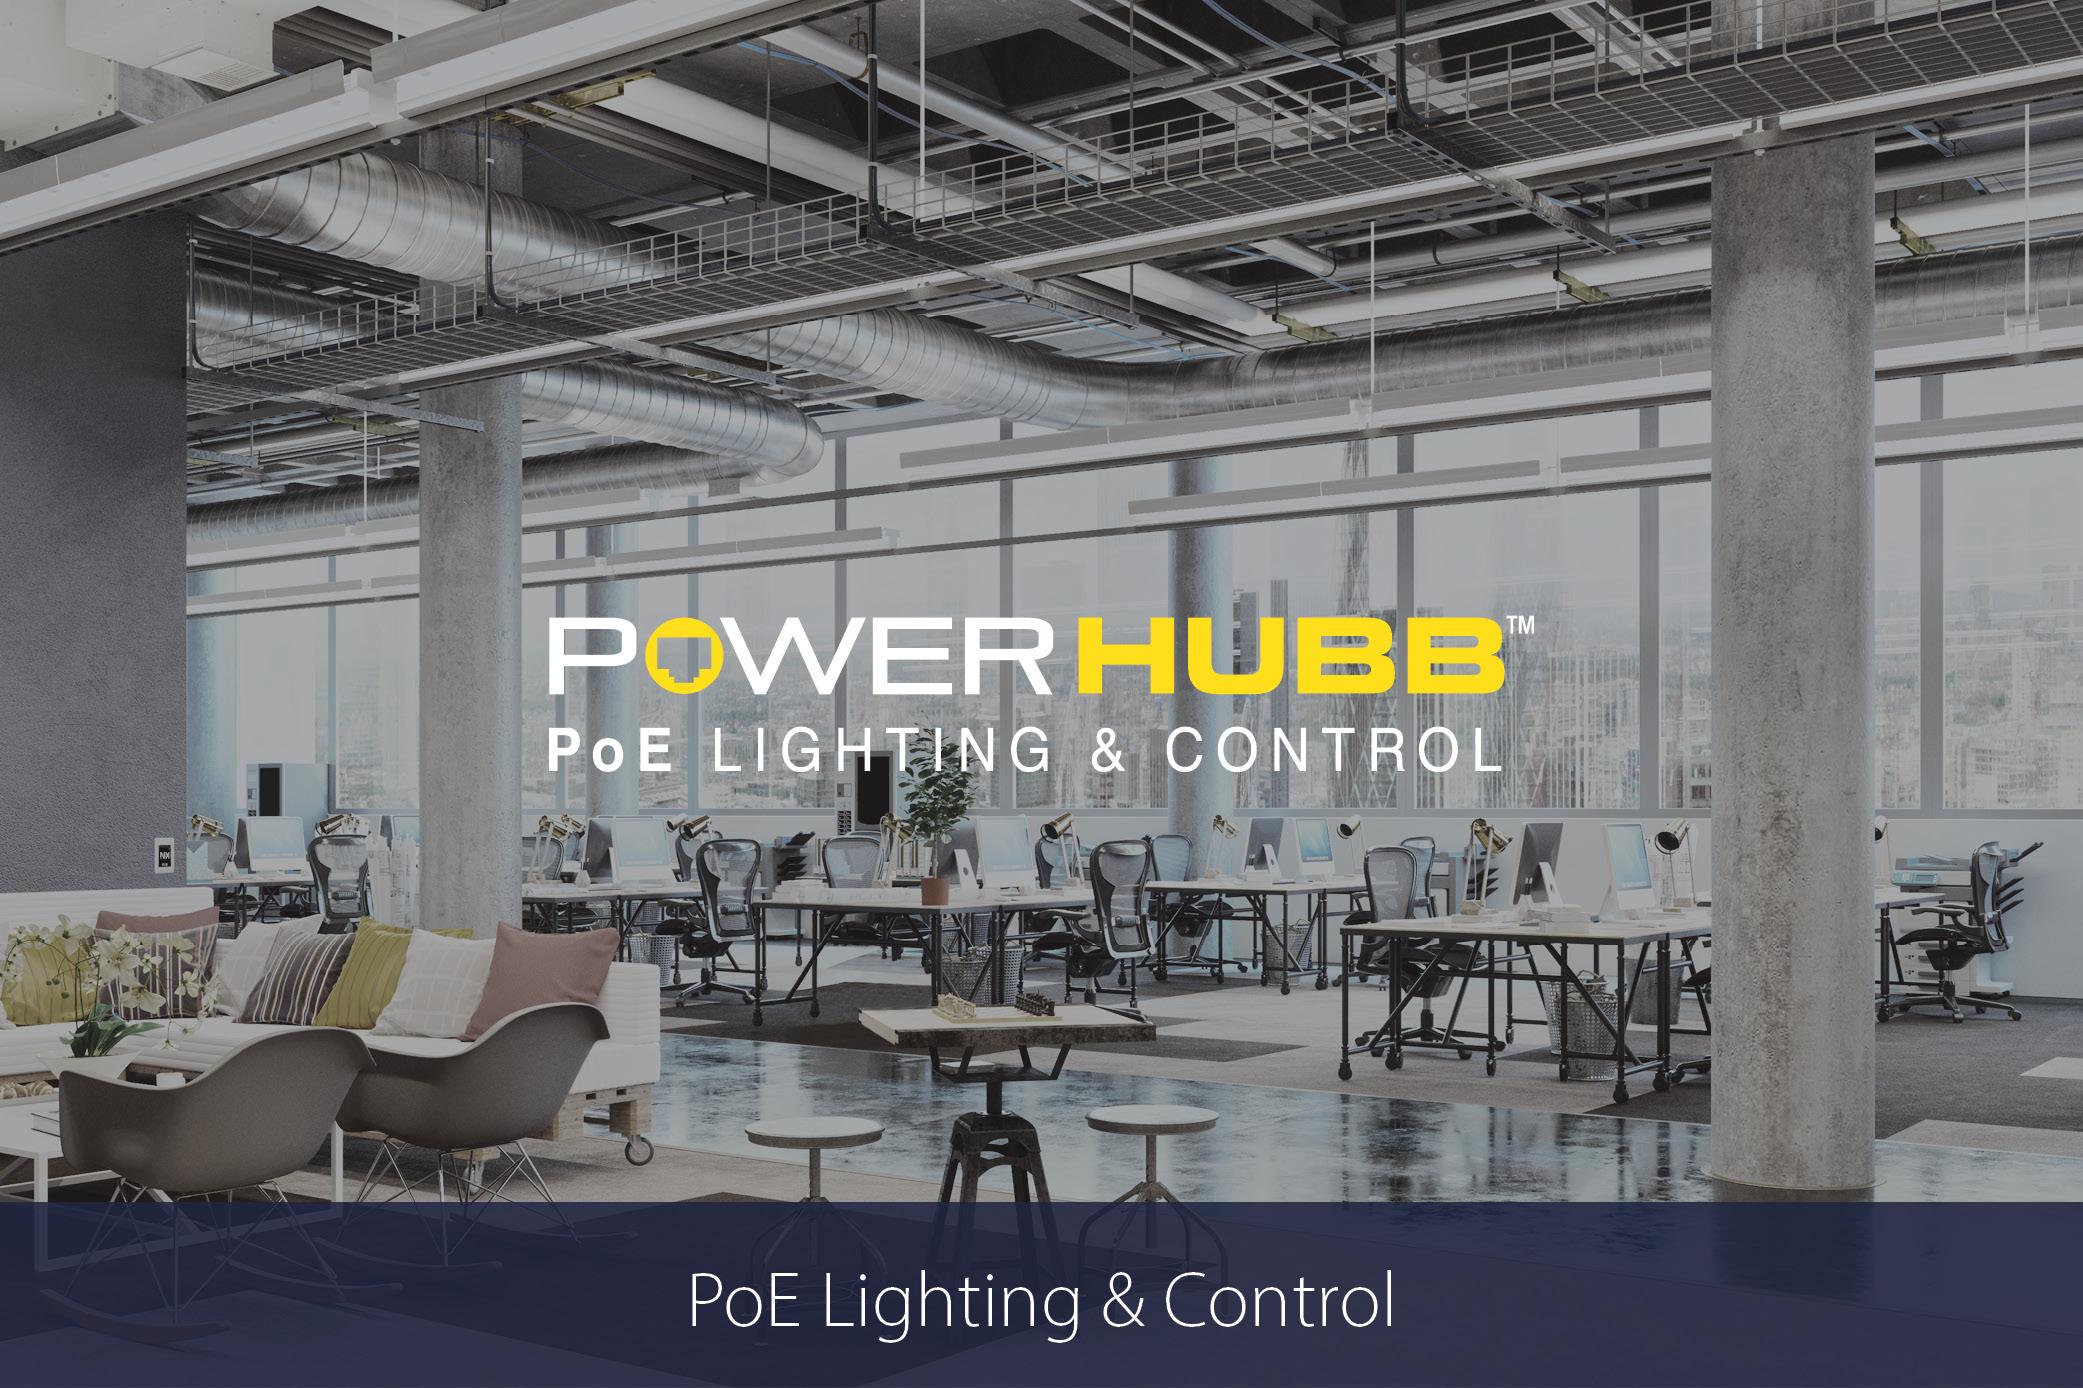 PowerHubb